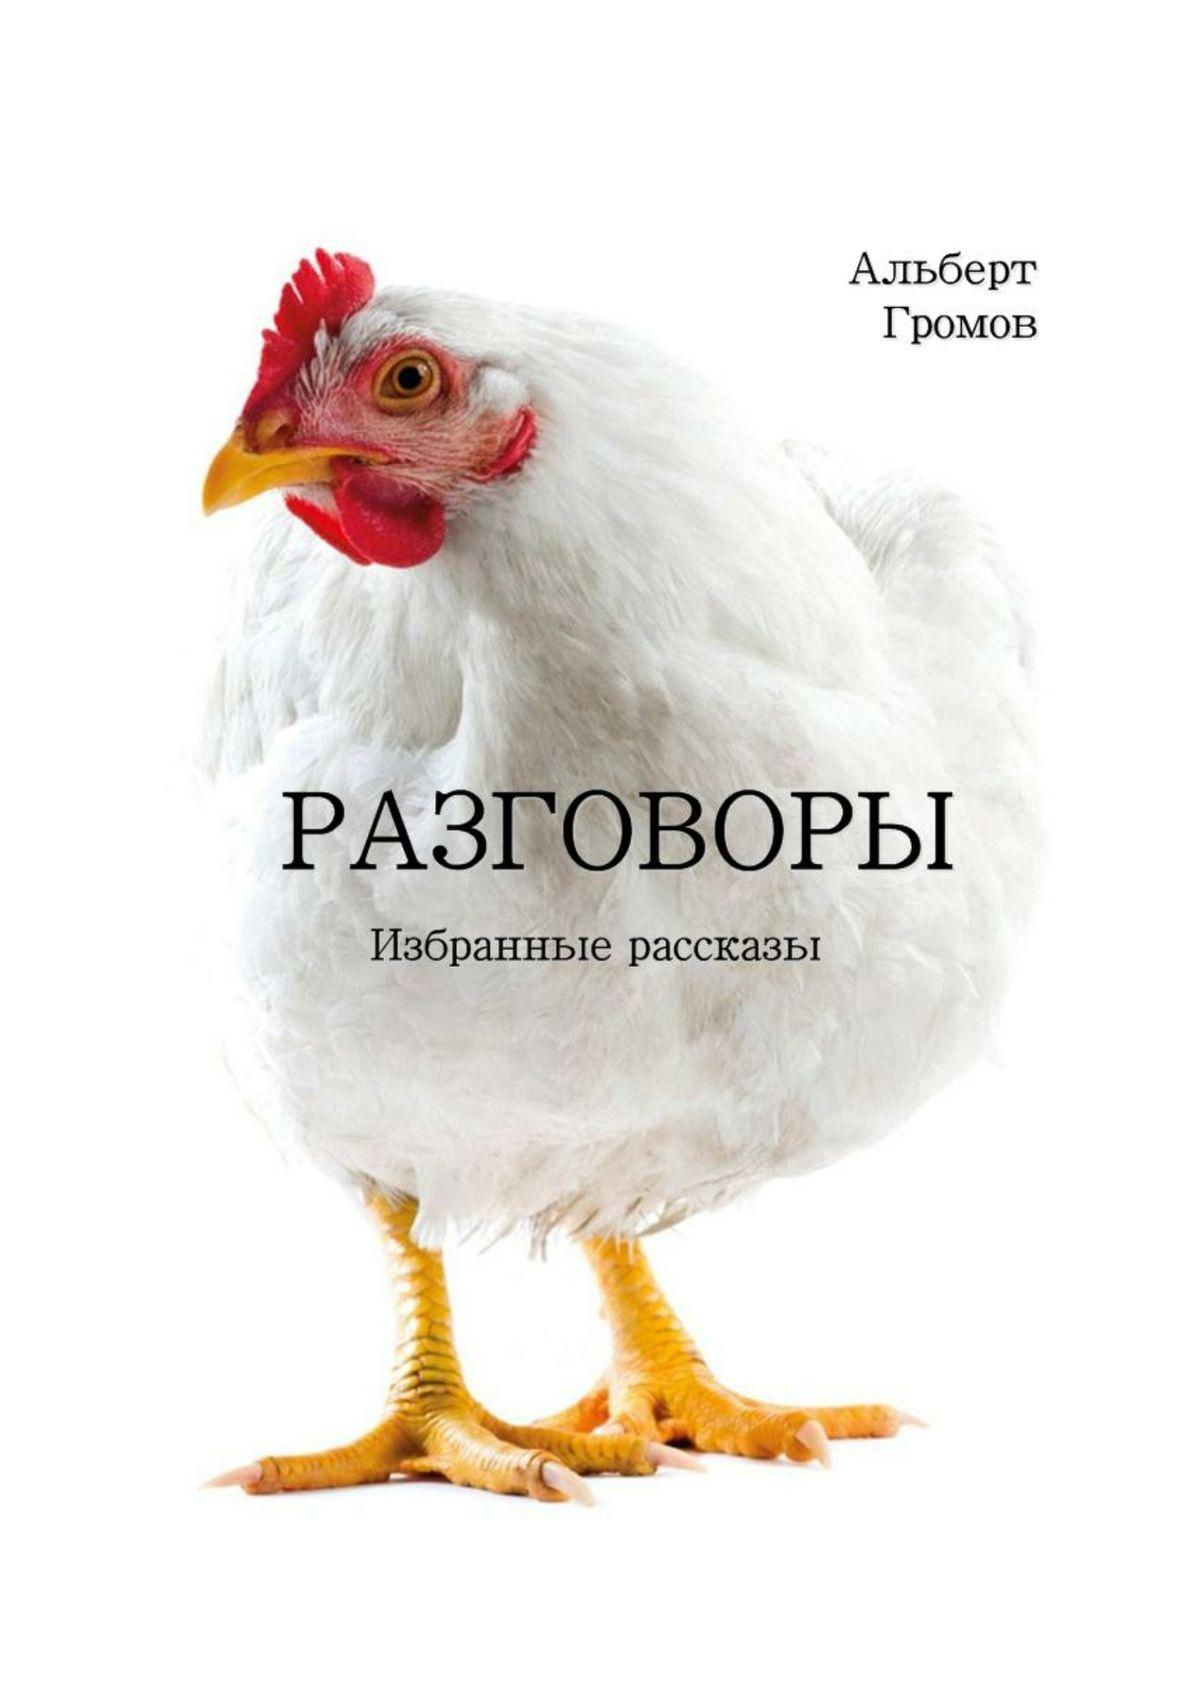 Альберт Громов Разговоры альберт громов разговоры